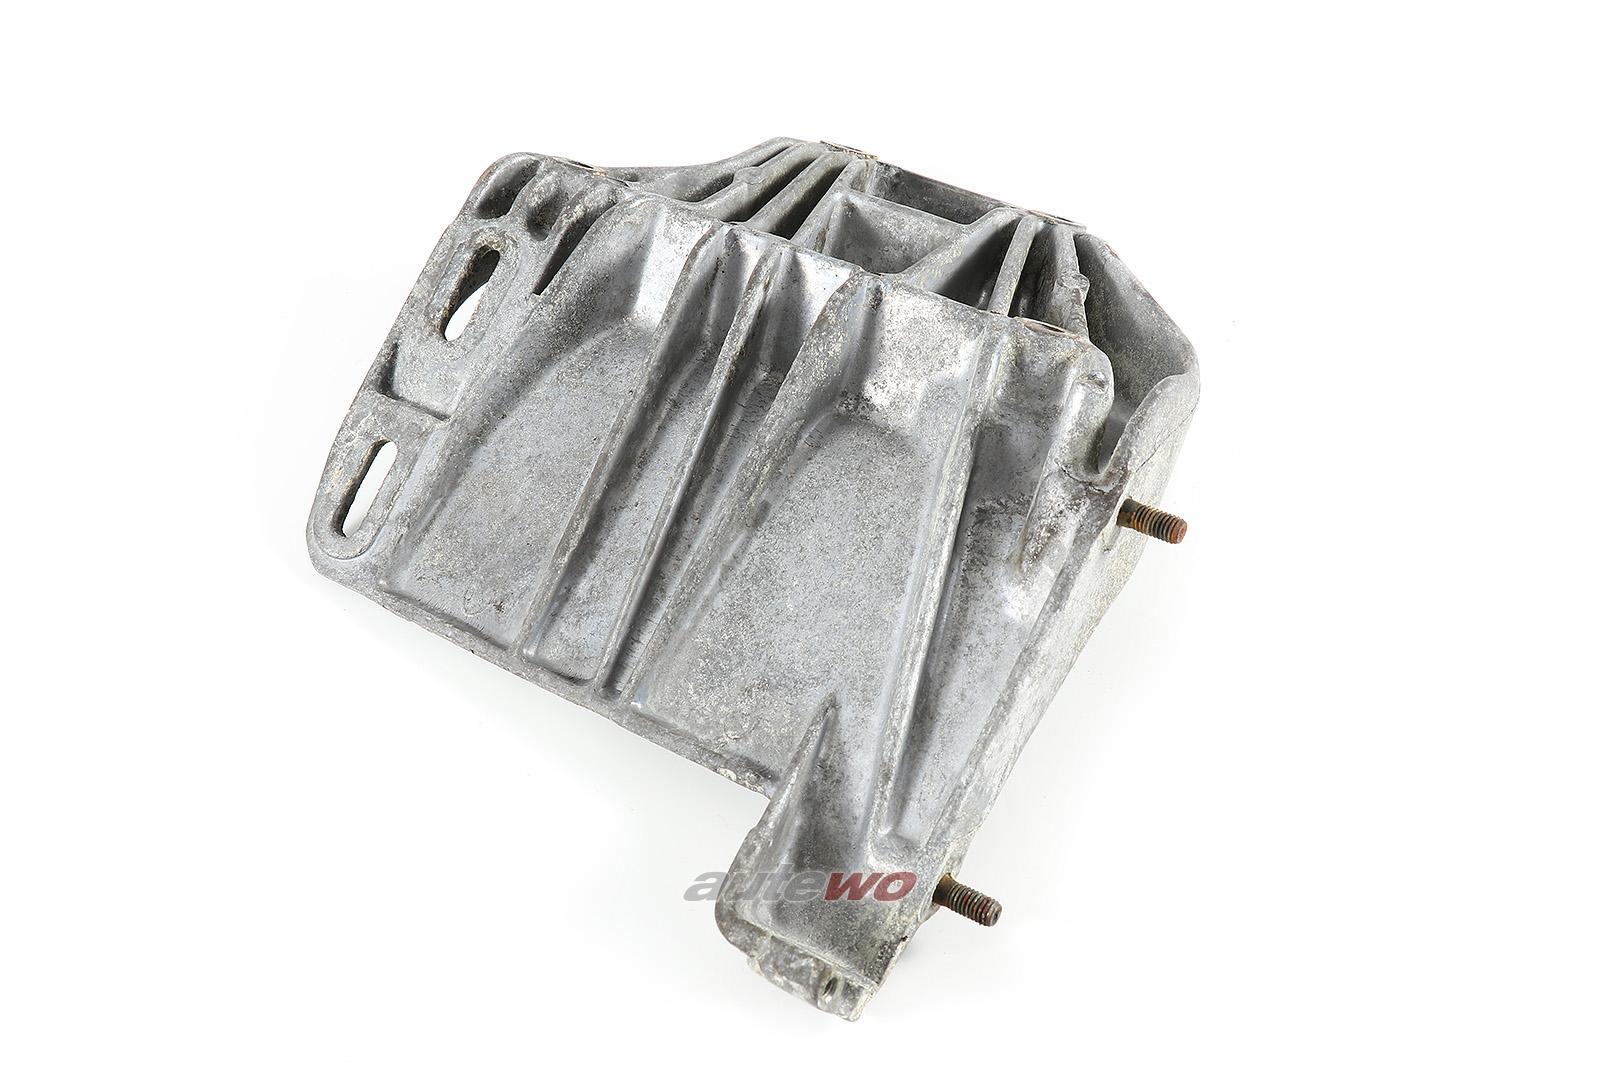 035260885C Audi 100/200 Typ 43/44 5 Zylinder Halter Klimakompressor